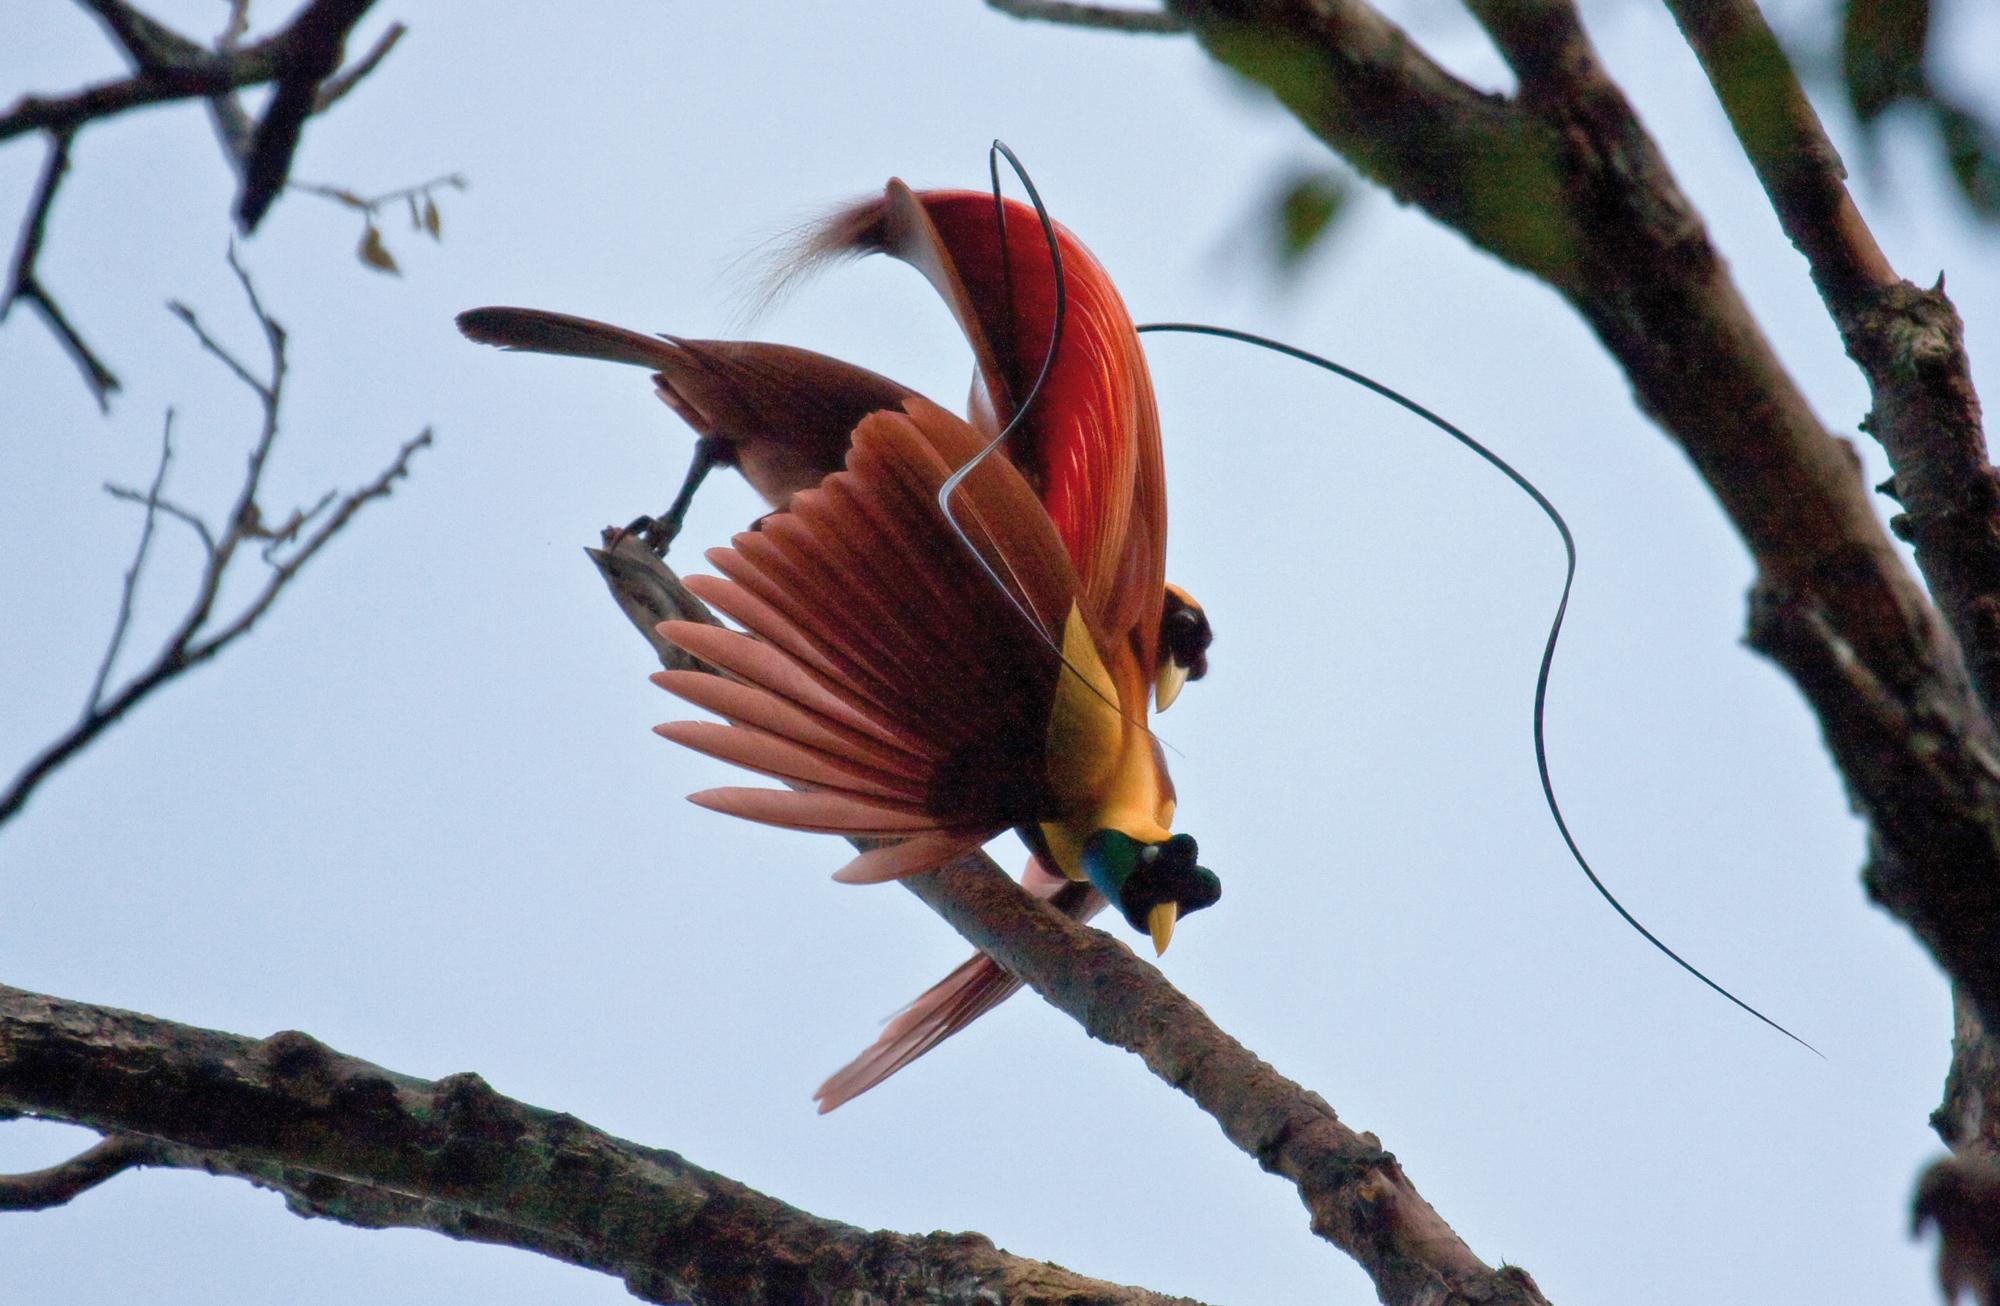 CENDERAWASIH BIRD (Paradisea rubra)